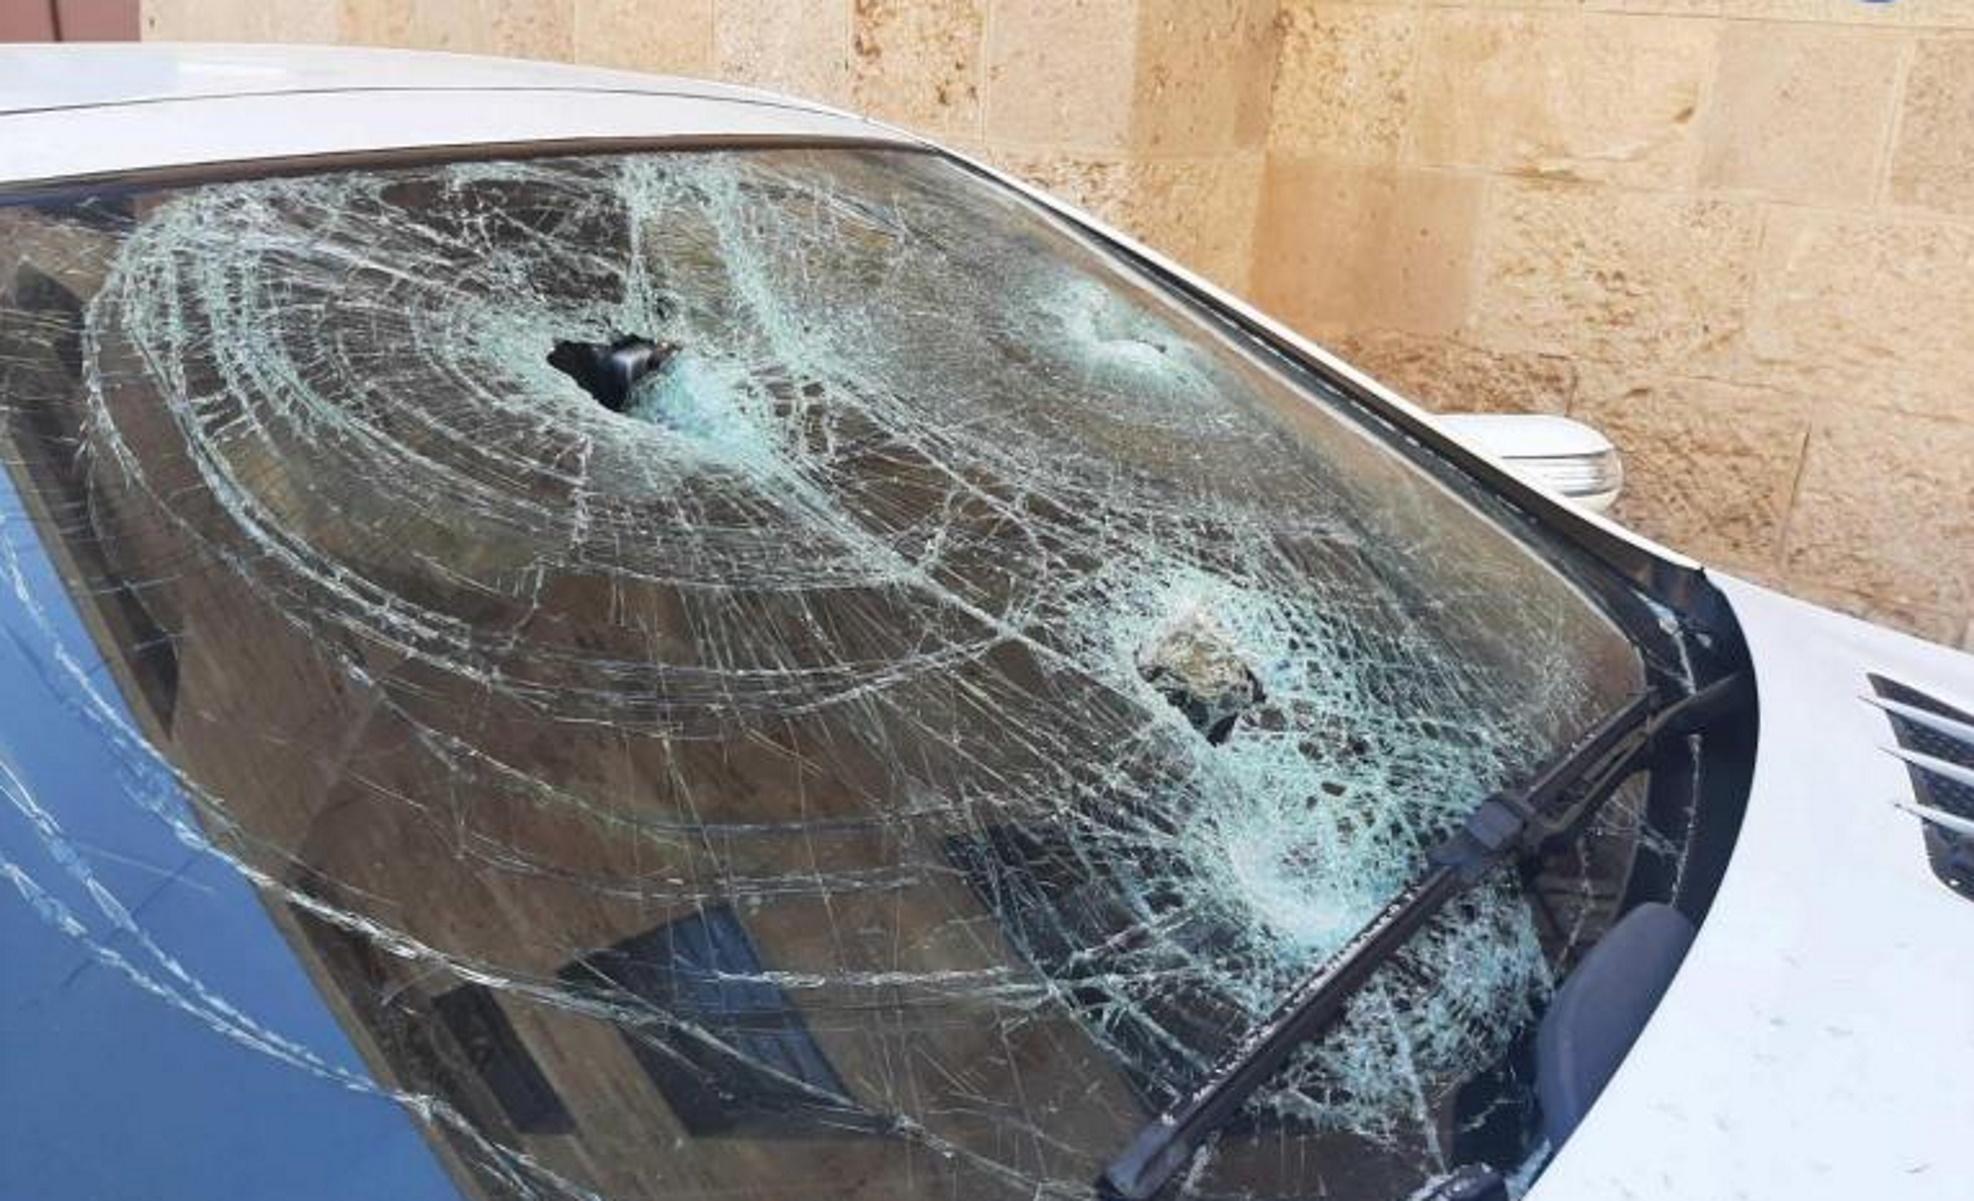 Ρόδος: Αναβλήθηκε η δίκη του υπαστυνόμου για την άγρια επίθεση στον αστυνομικό διευθυντή